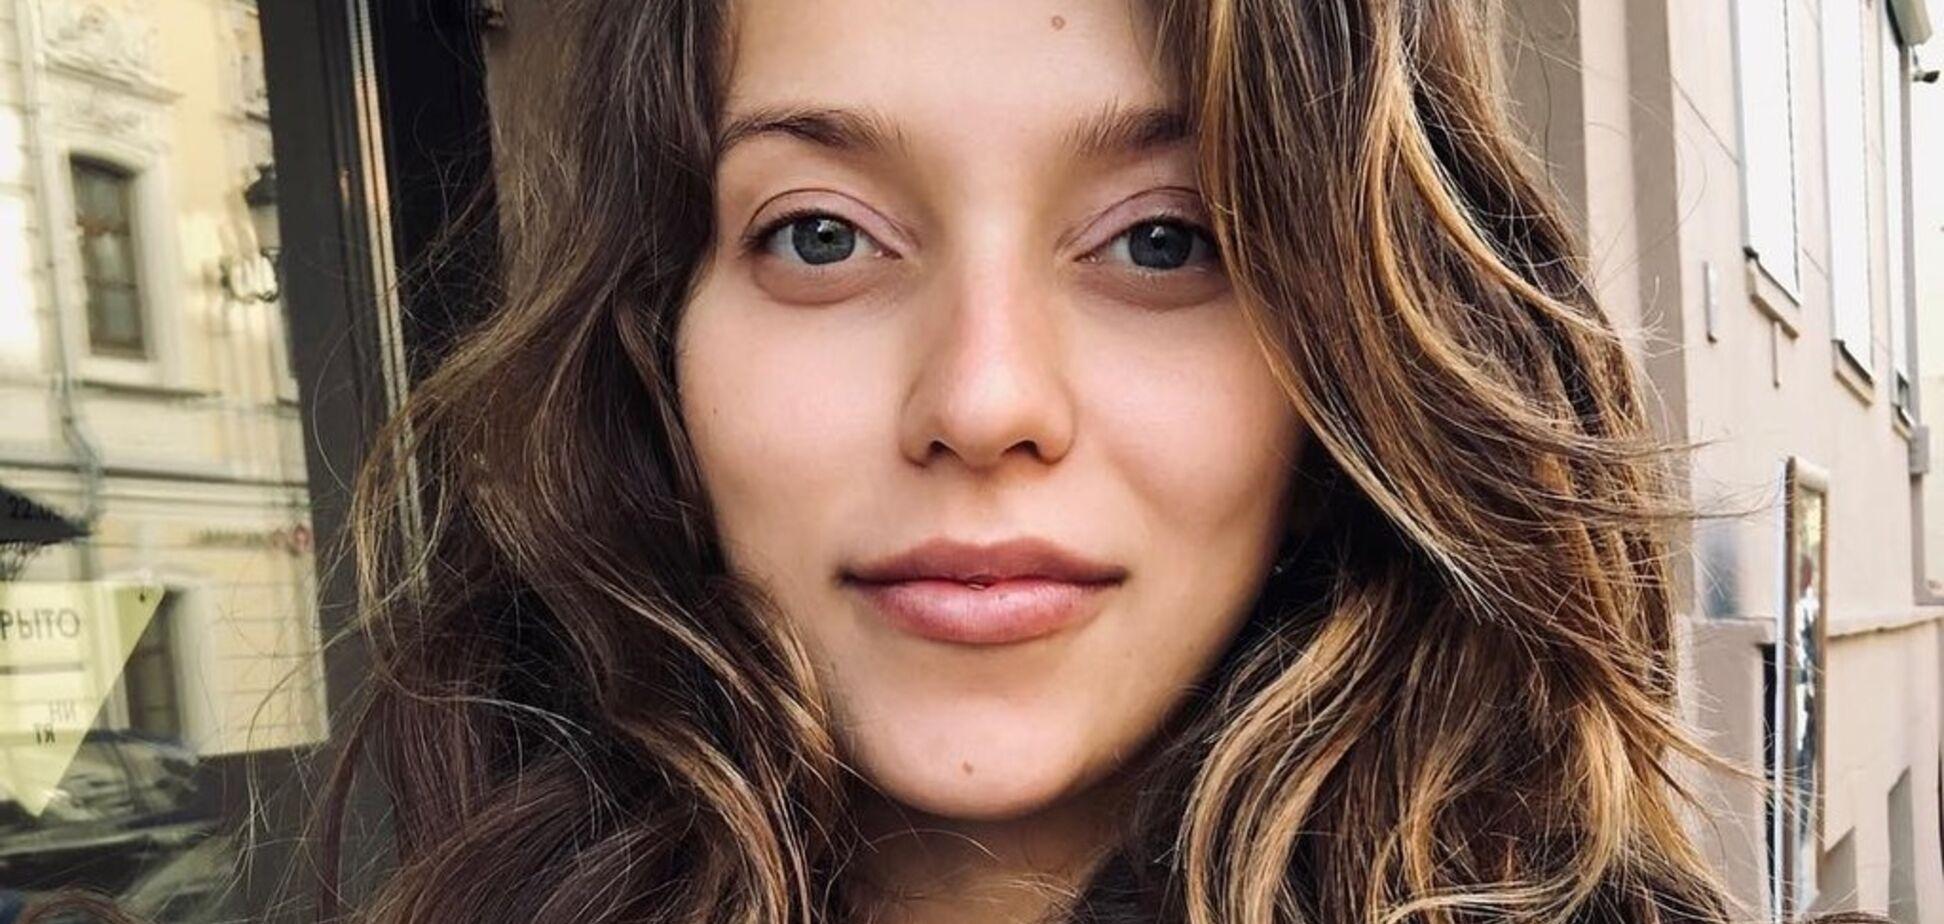 ''Будьте людьми'': Тодоренко після народження сина спровокувала палкі суперечки в мережі